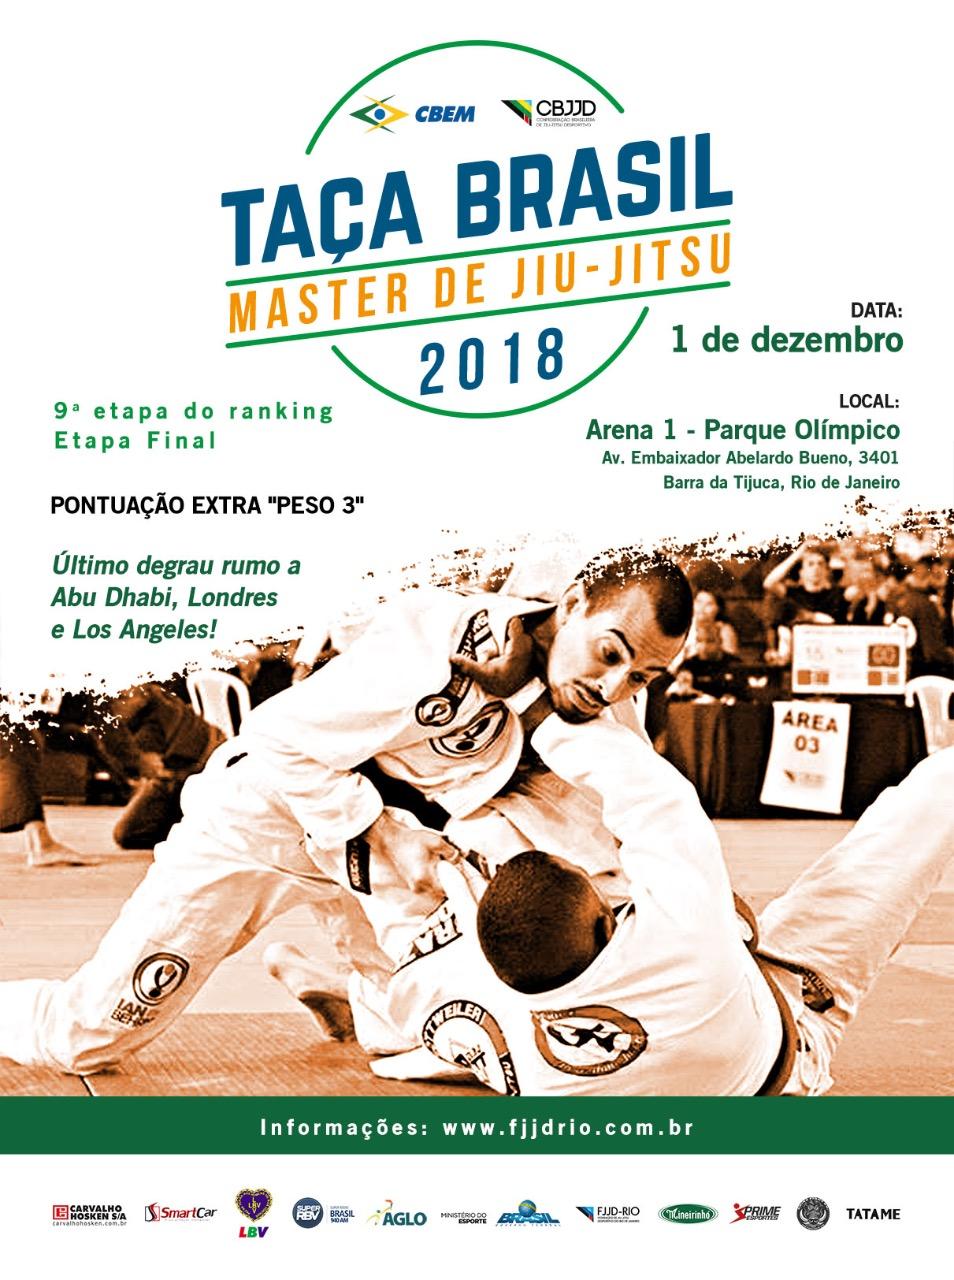 Responsável pela GFTeam, Júlio Cesar opina sobre Taça Brasil Master: 'Ótima oportunidade para a classe'